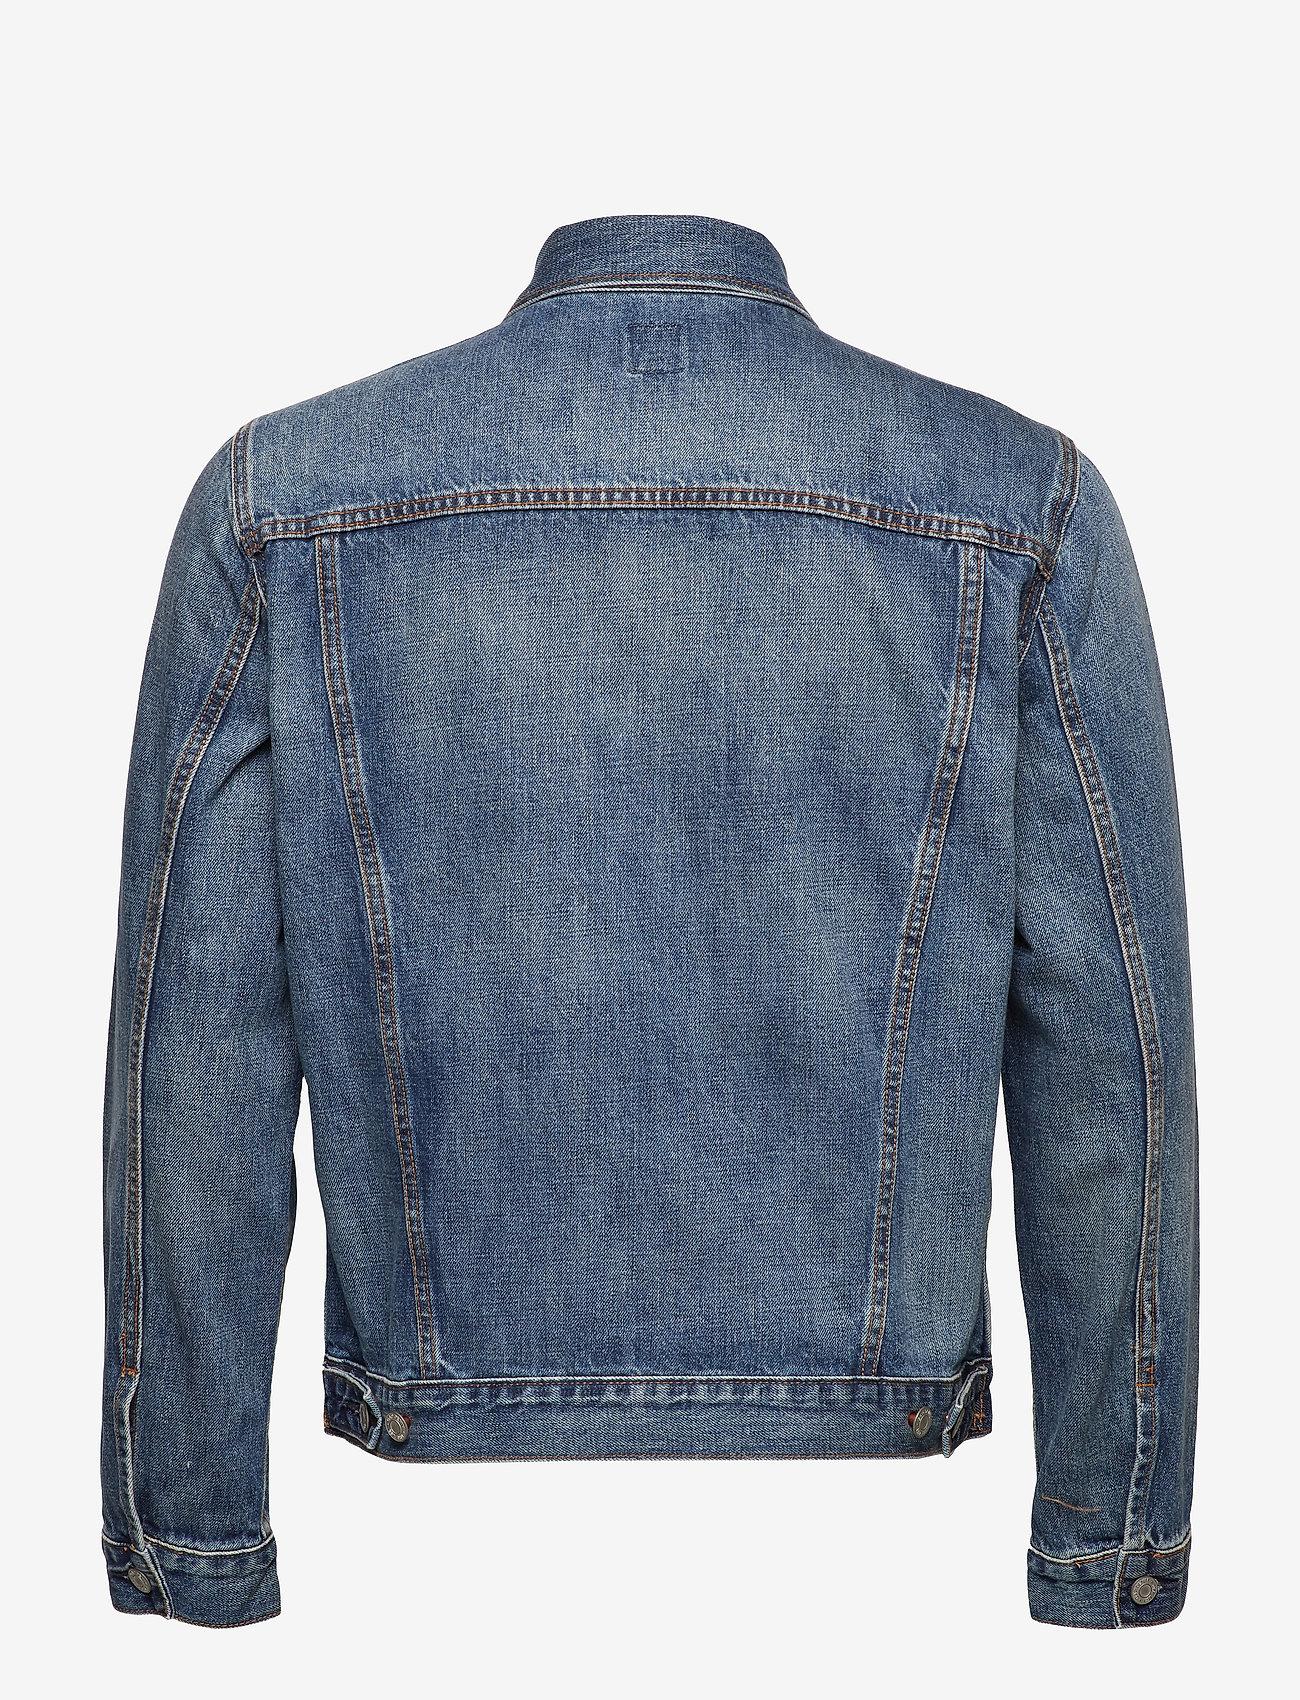 Gap Icon Denim Jacket - Jackets & Coats